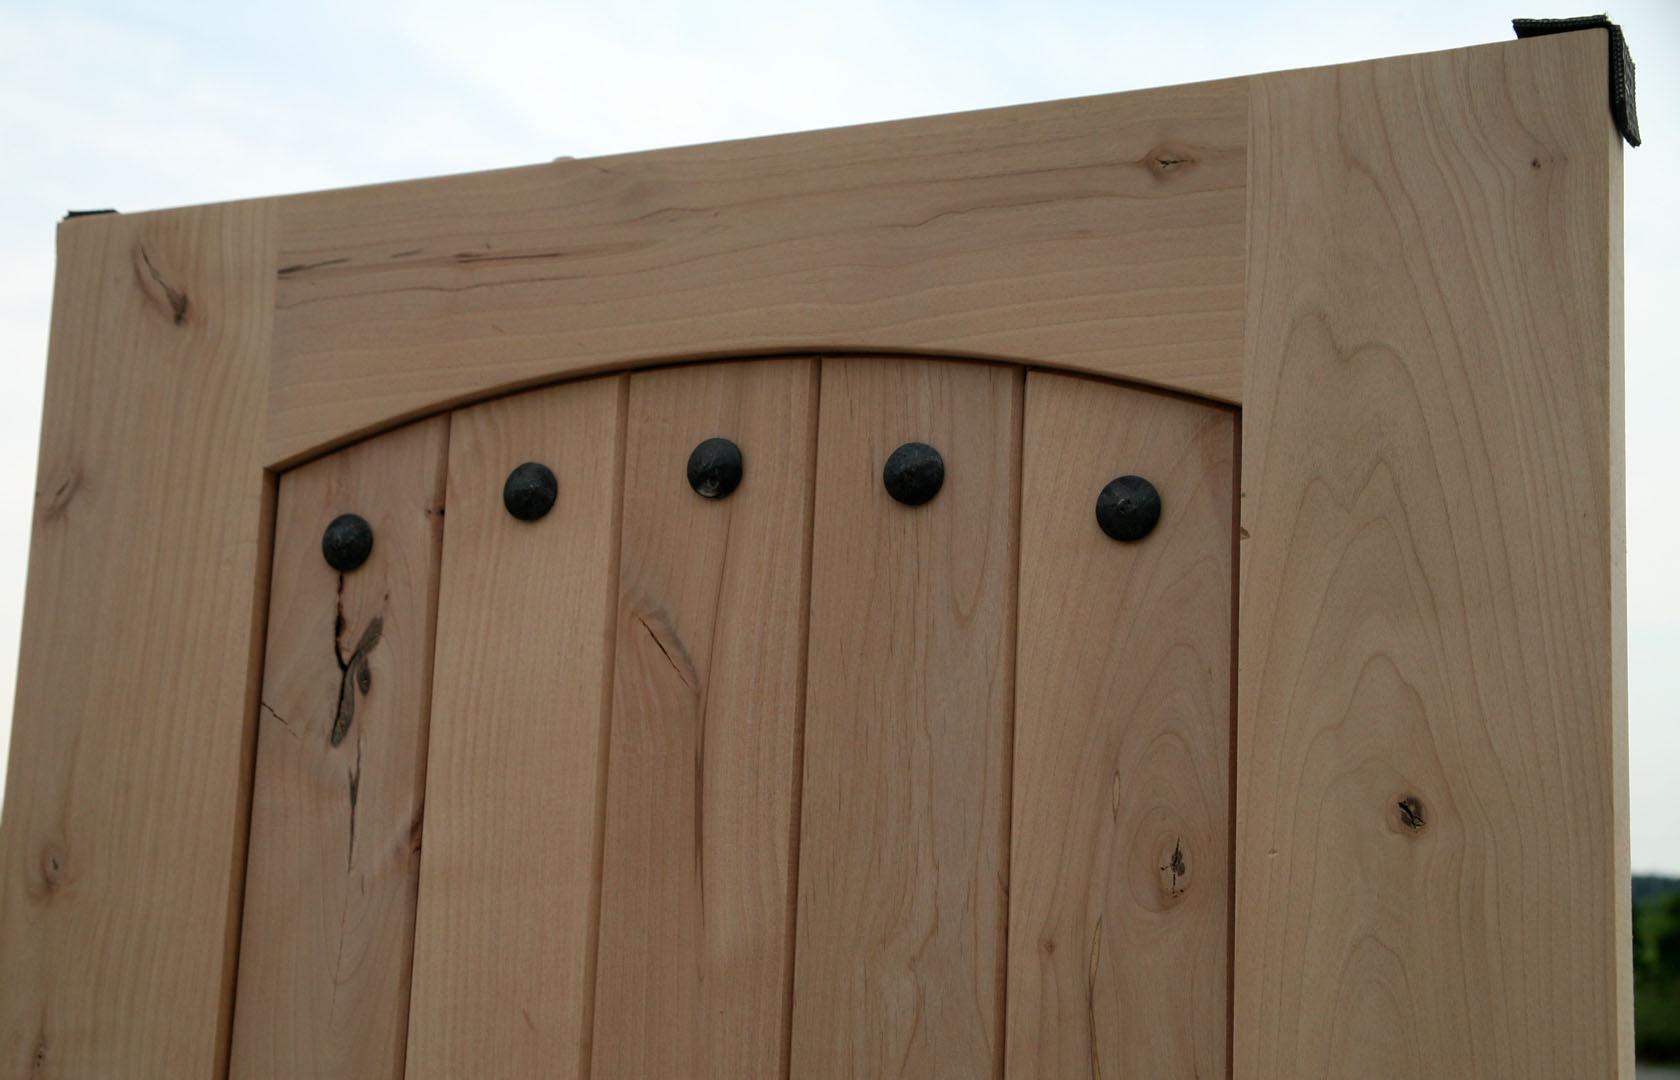 1080 #3B8890 Rustic Doors Closeout Rustic Exterior Wood Door Alder image Rustic Wooden Doors 39531680